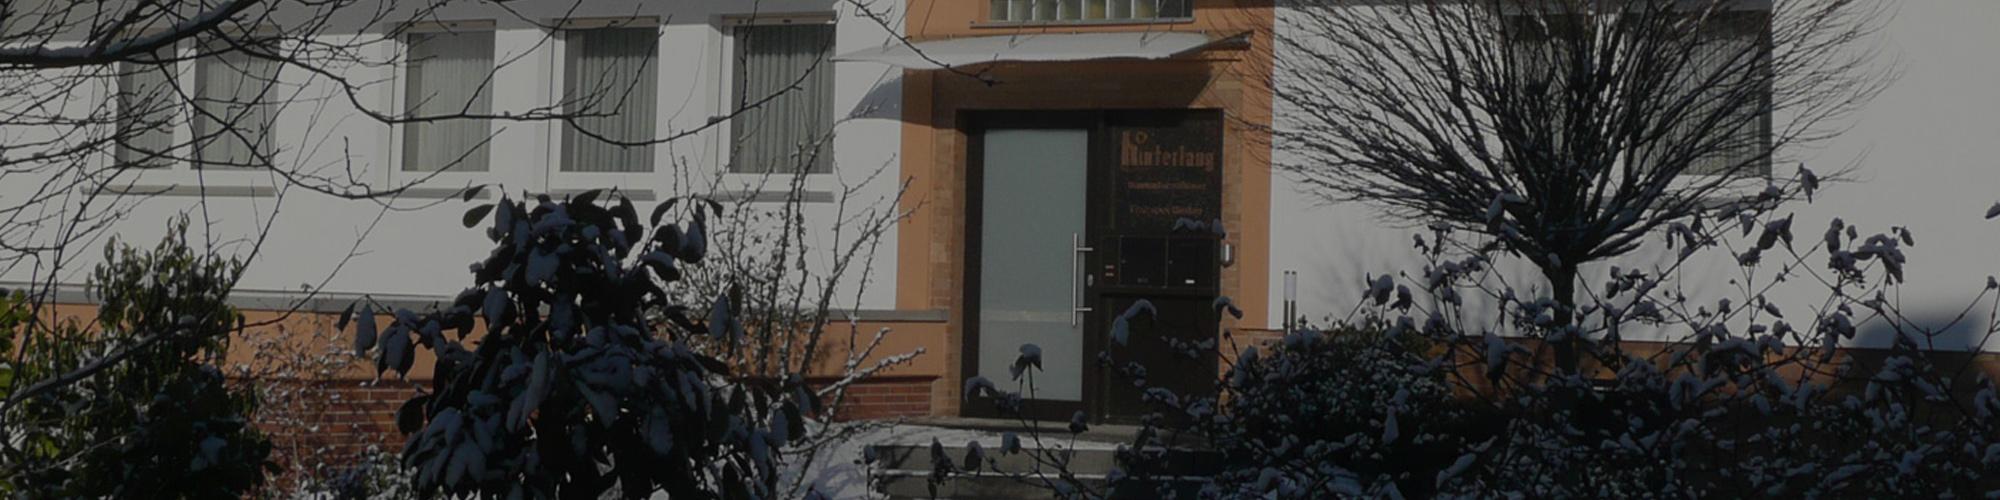 Hinterlang GmbH & Co KG